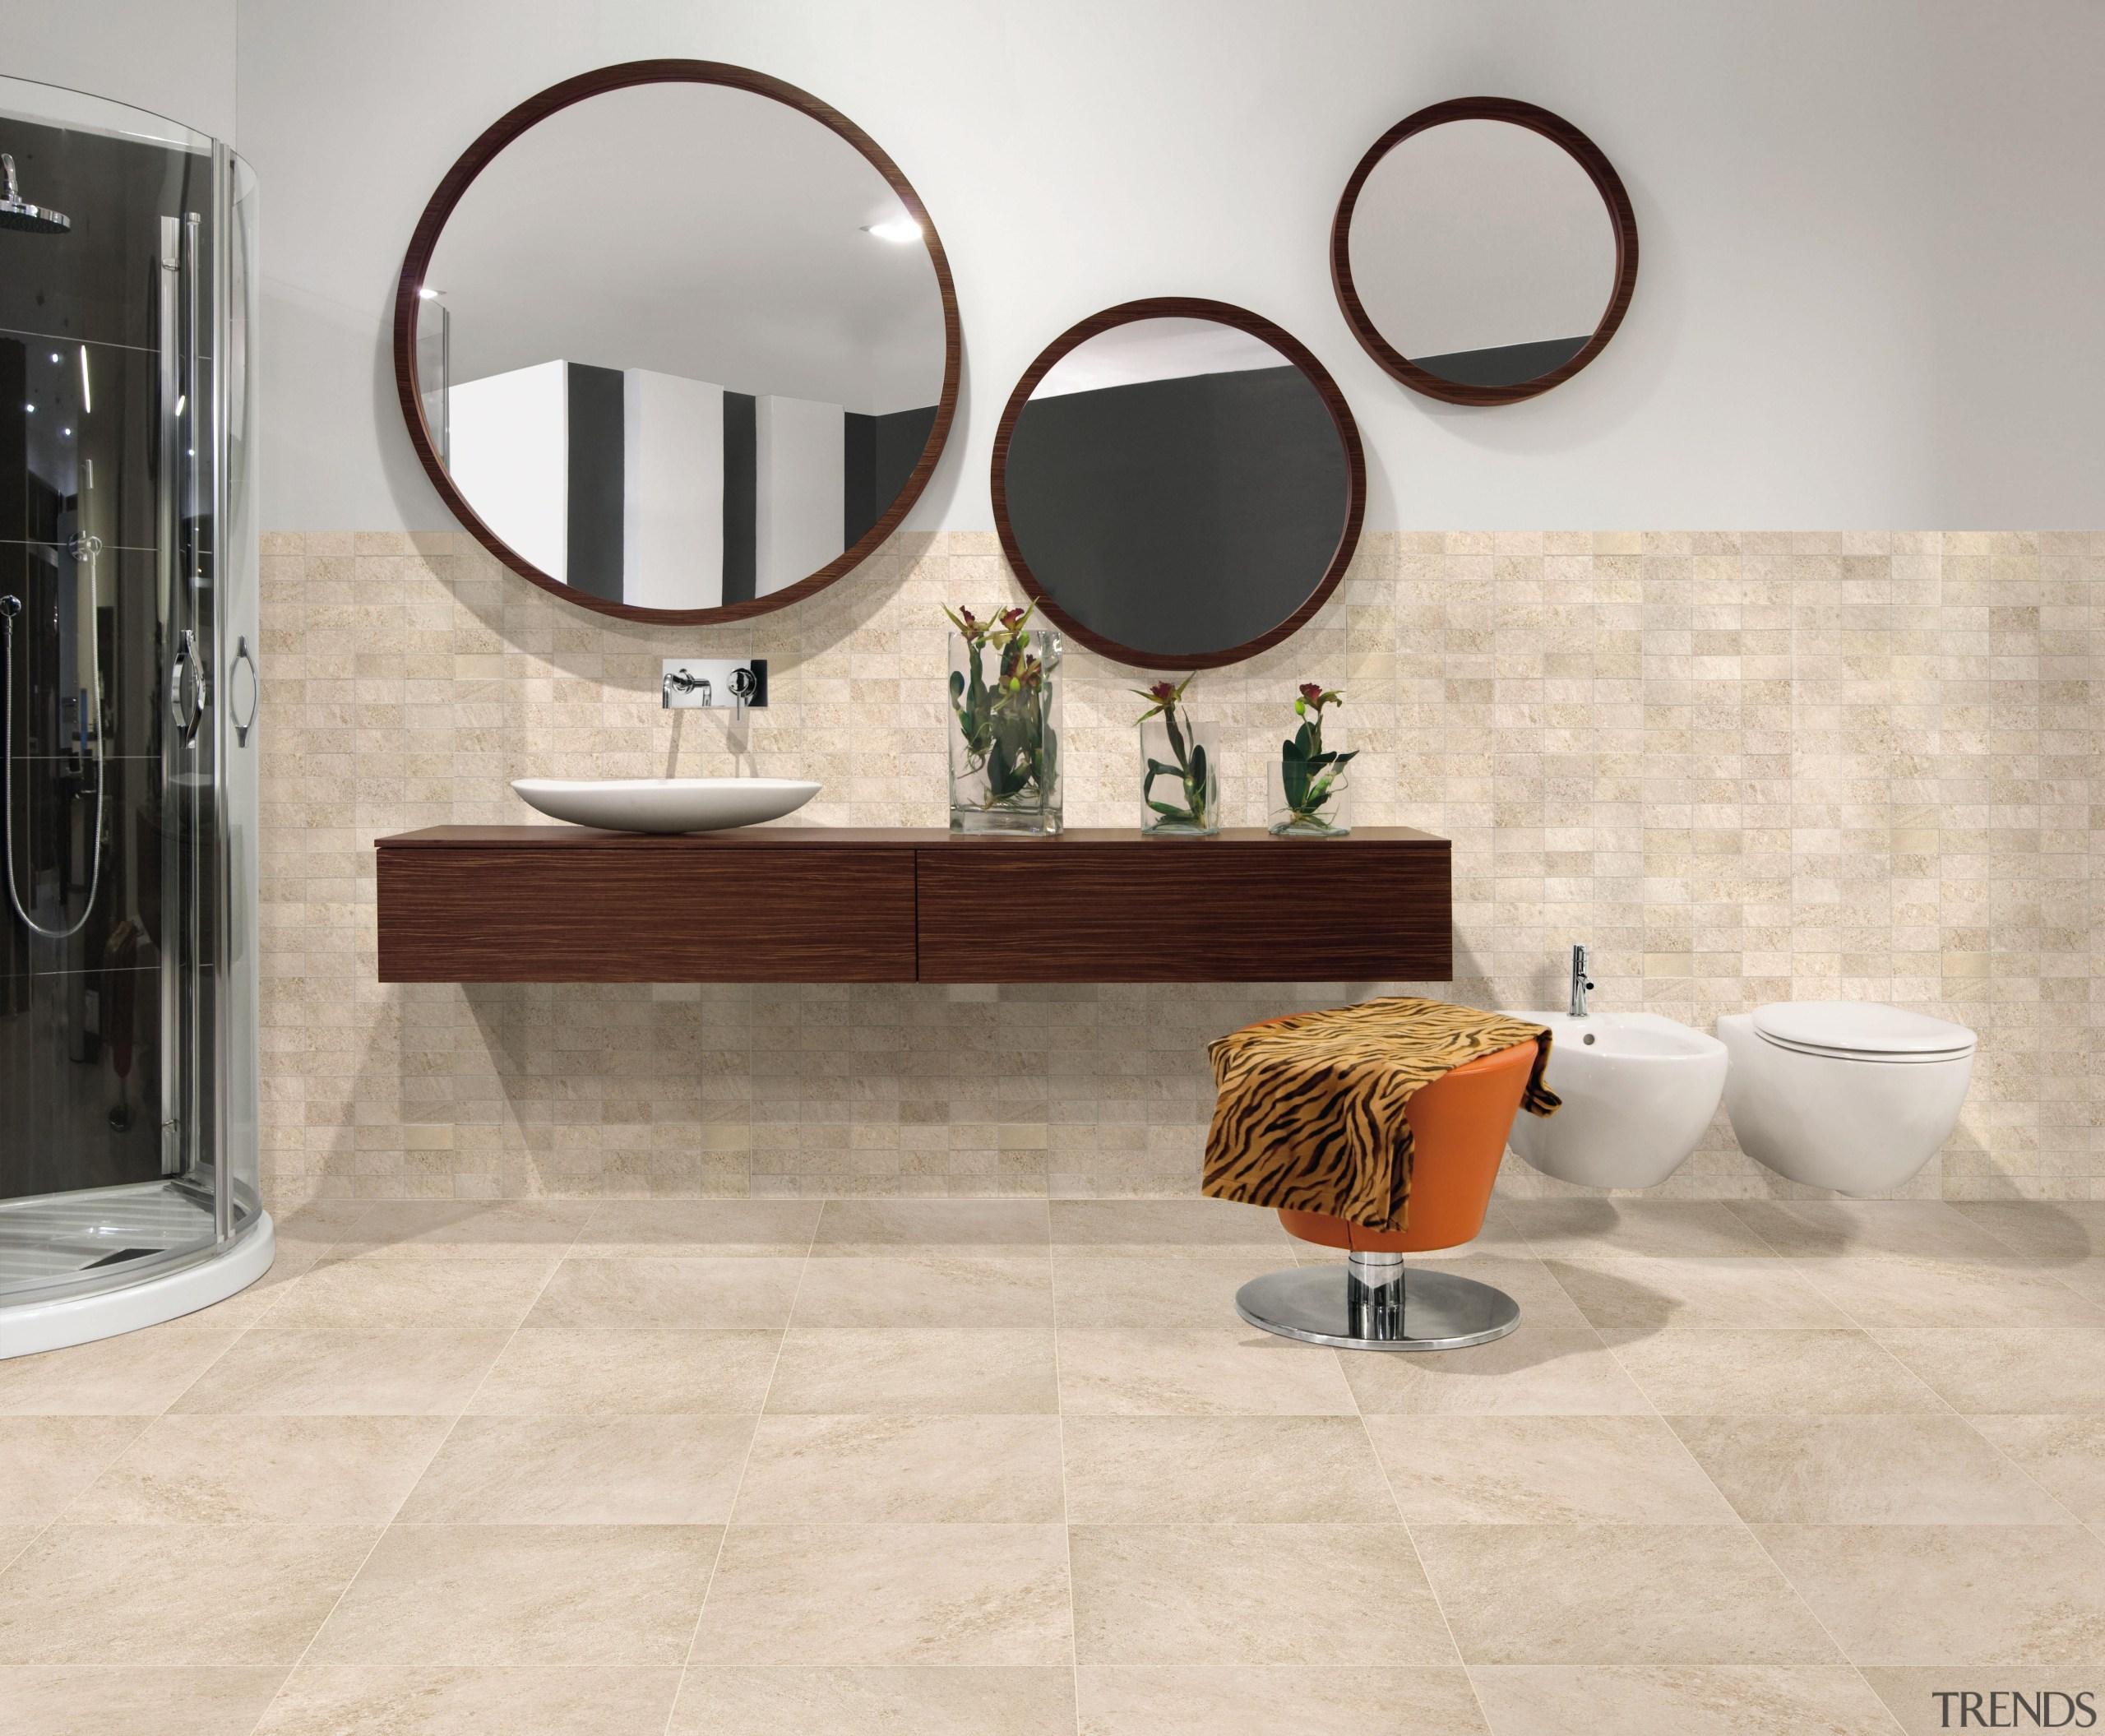 Beige bathroom floor. - Riviera Range - bathroom bathroom, bathroom accessory, bathroom cabinet, ceramic, floor, flooring, furniture, interior design, plumbing fixture, product design, sink, table, tap, tile, wall, gray